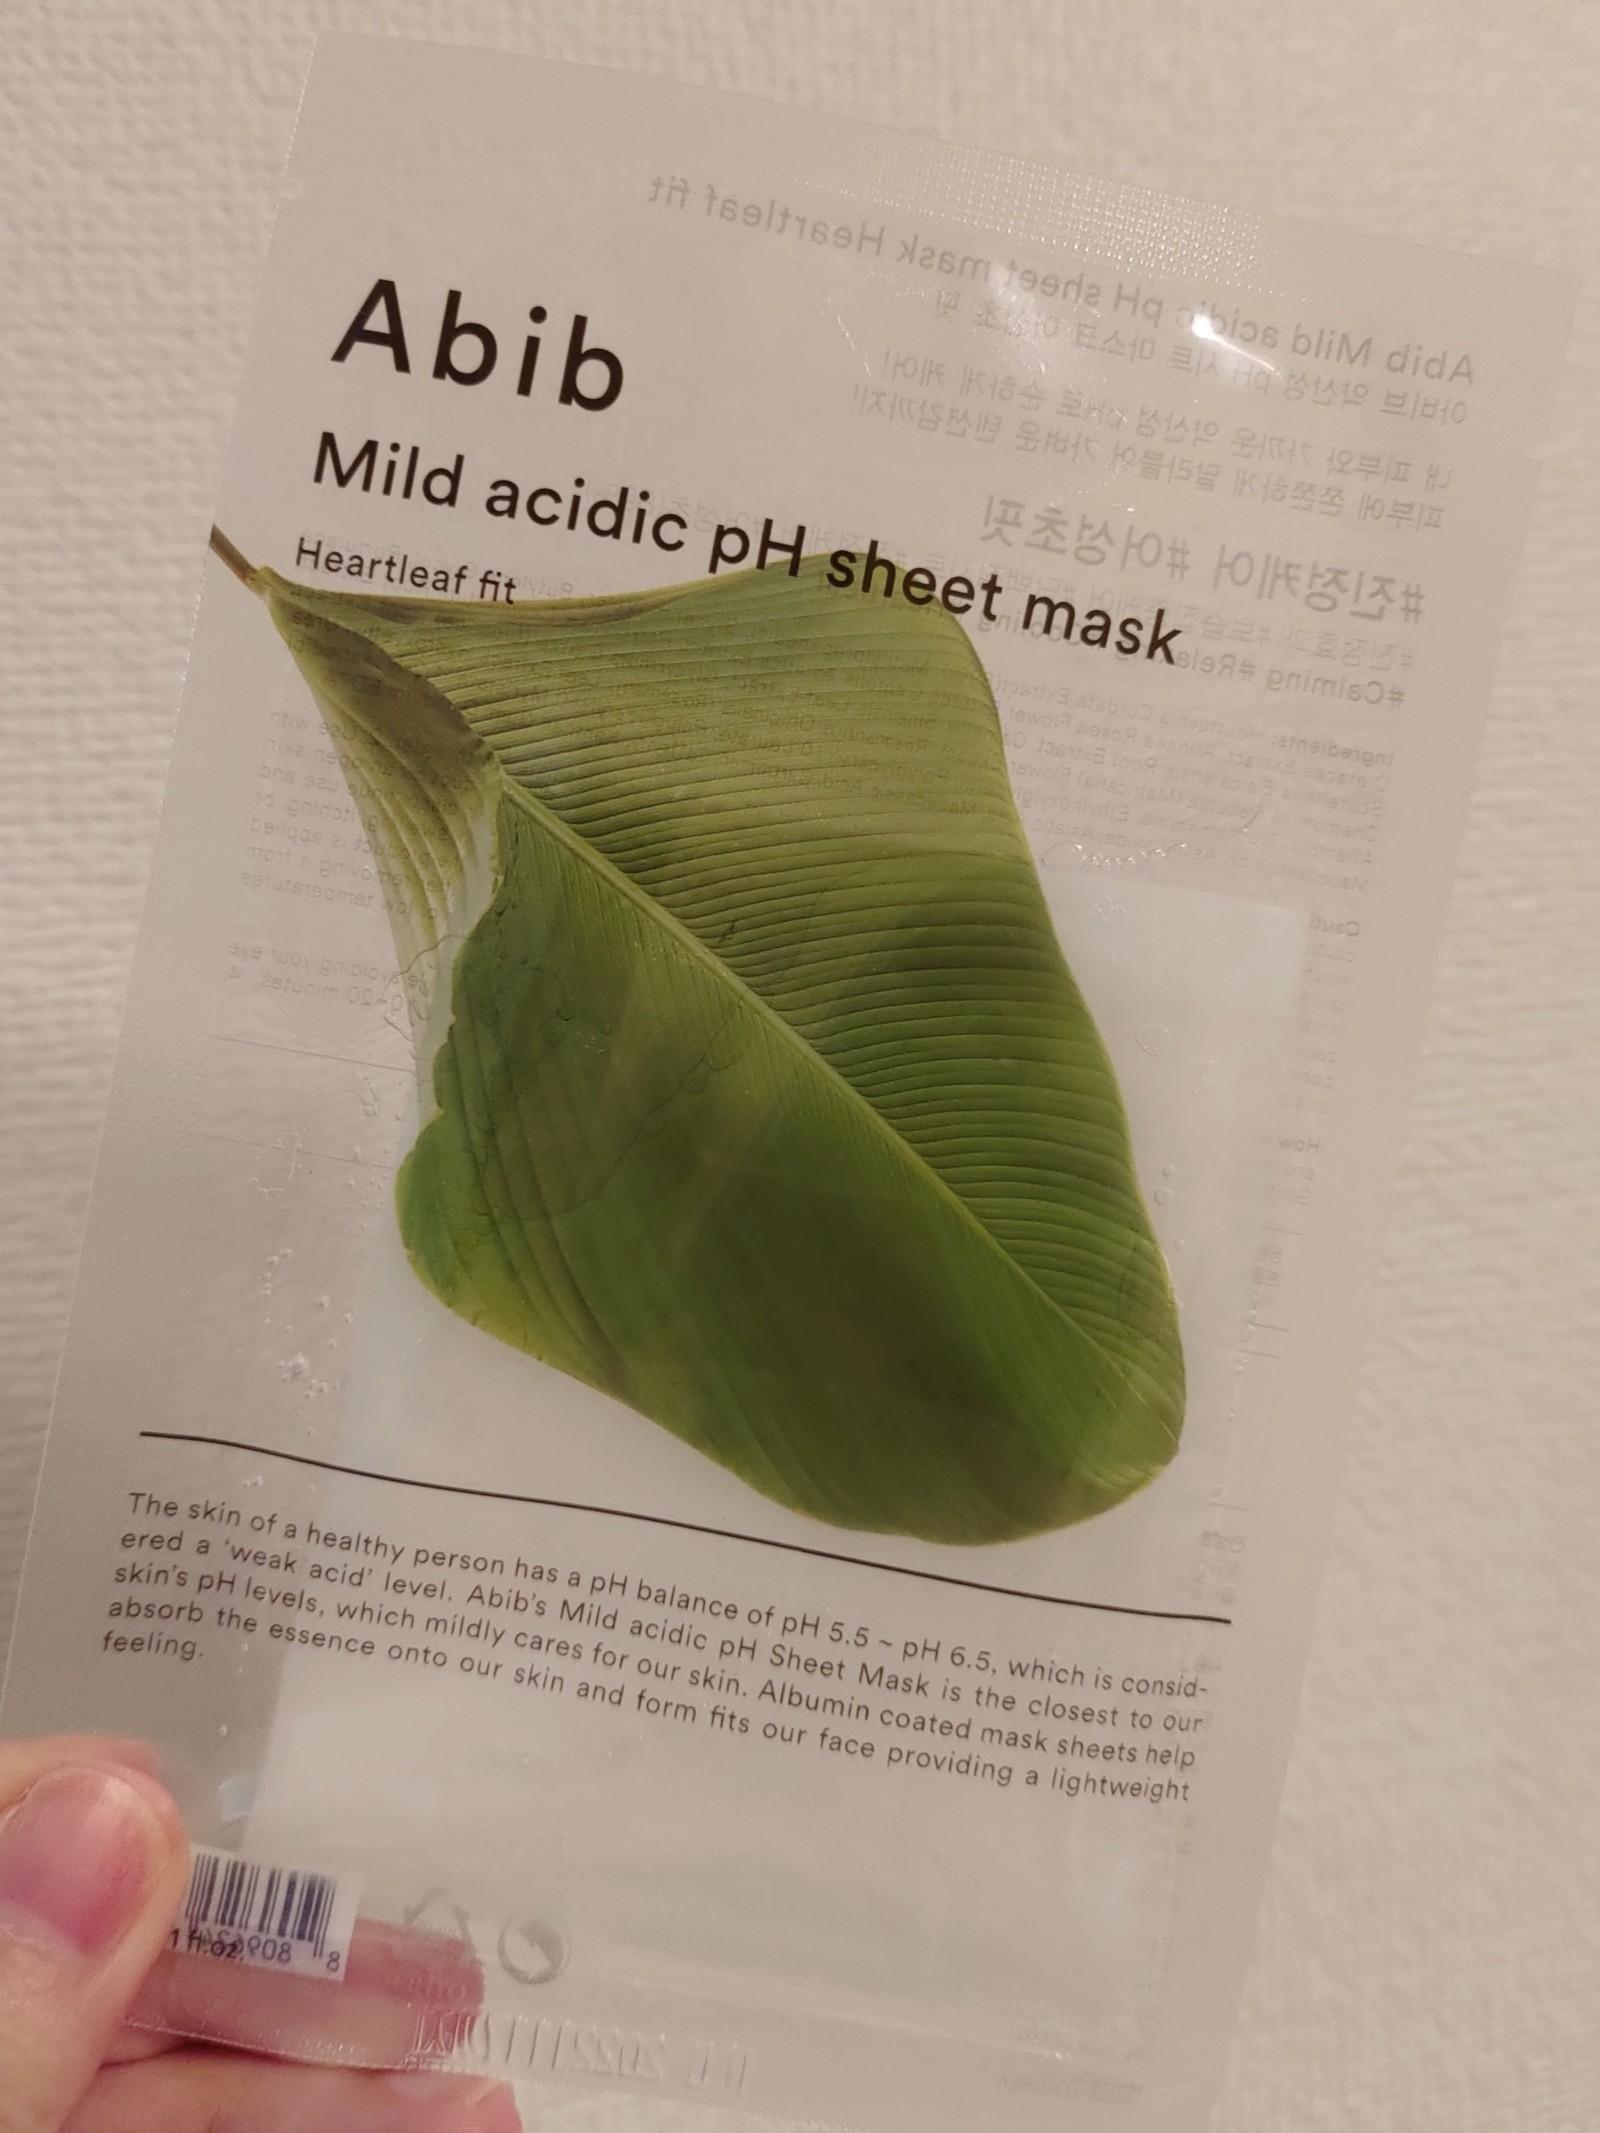 Abib 弱酸性pHシートマスク ハートリーフフィット(ドクダミ)